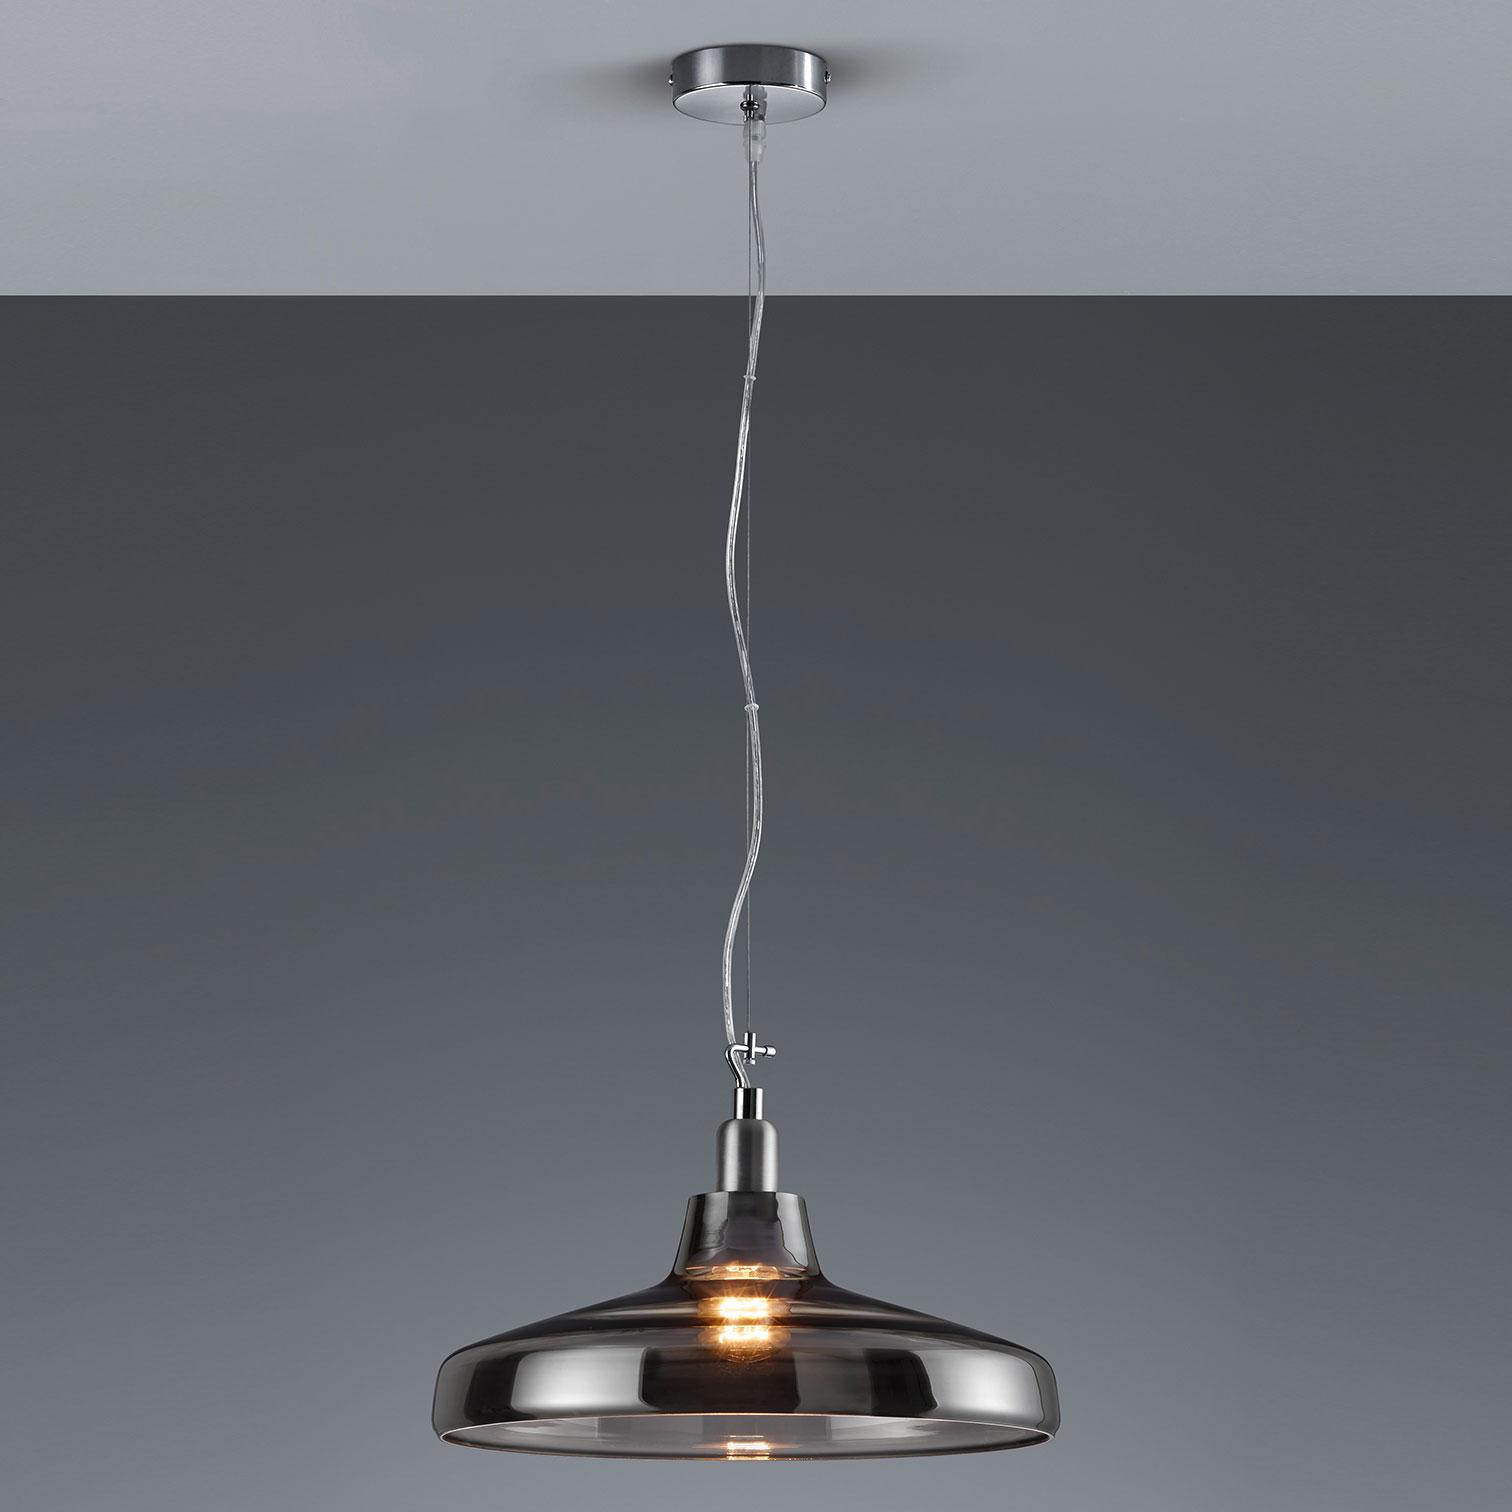 dover pendant by arnsberg 304900142